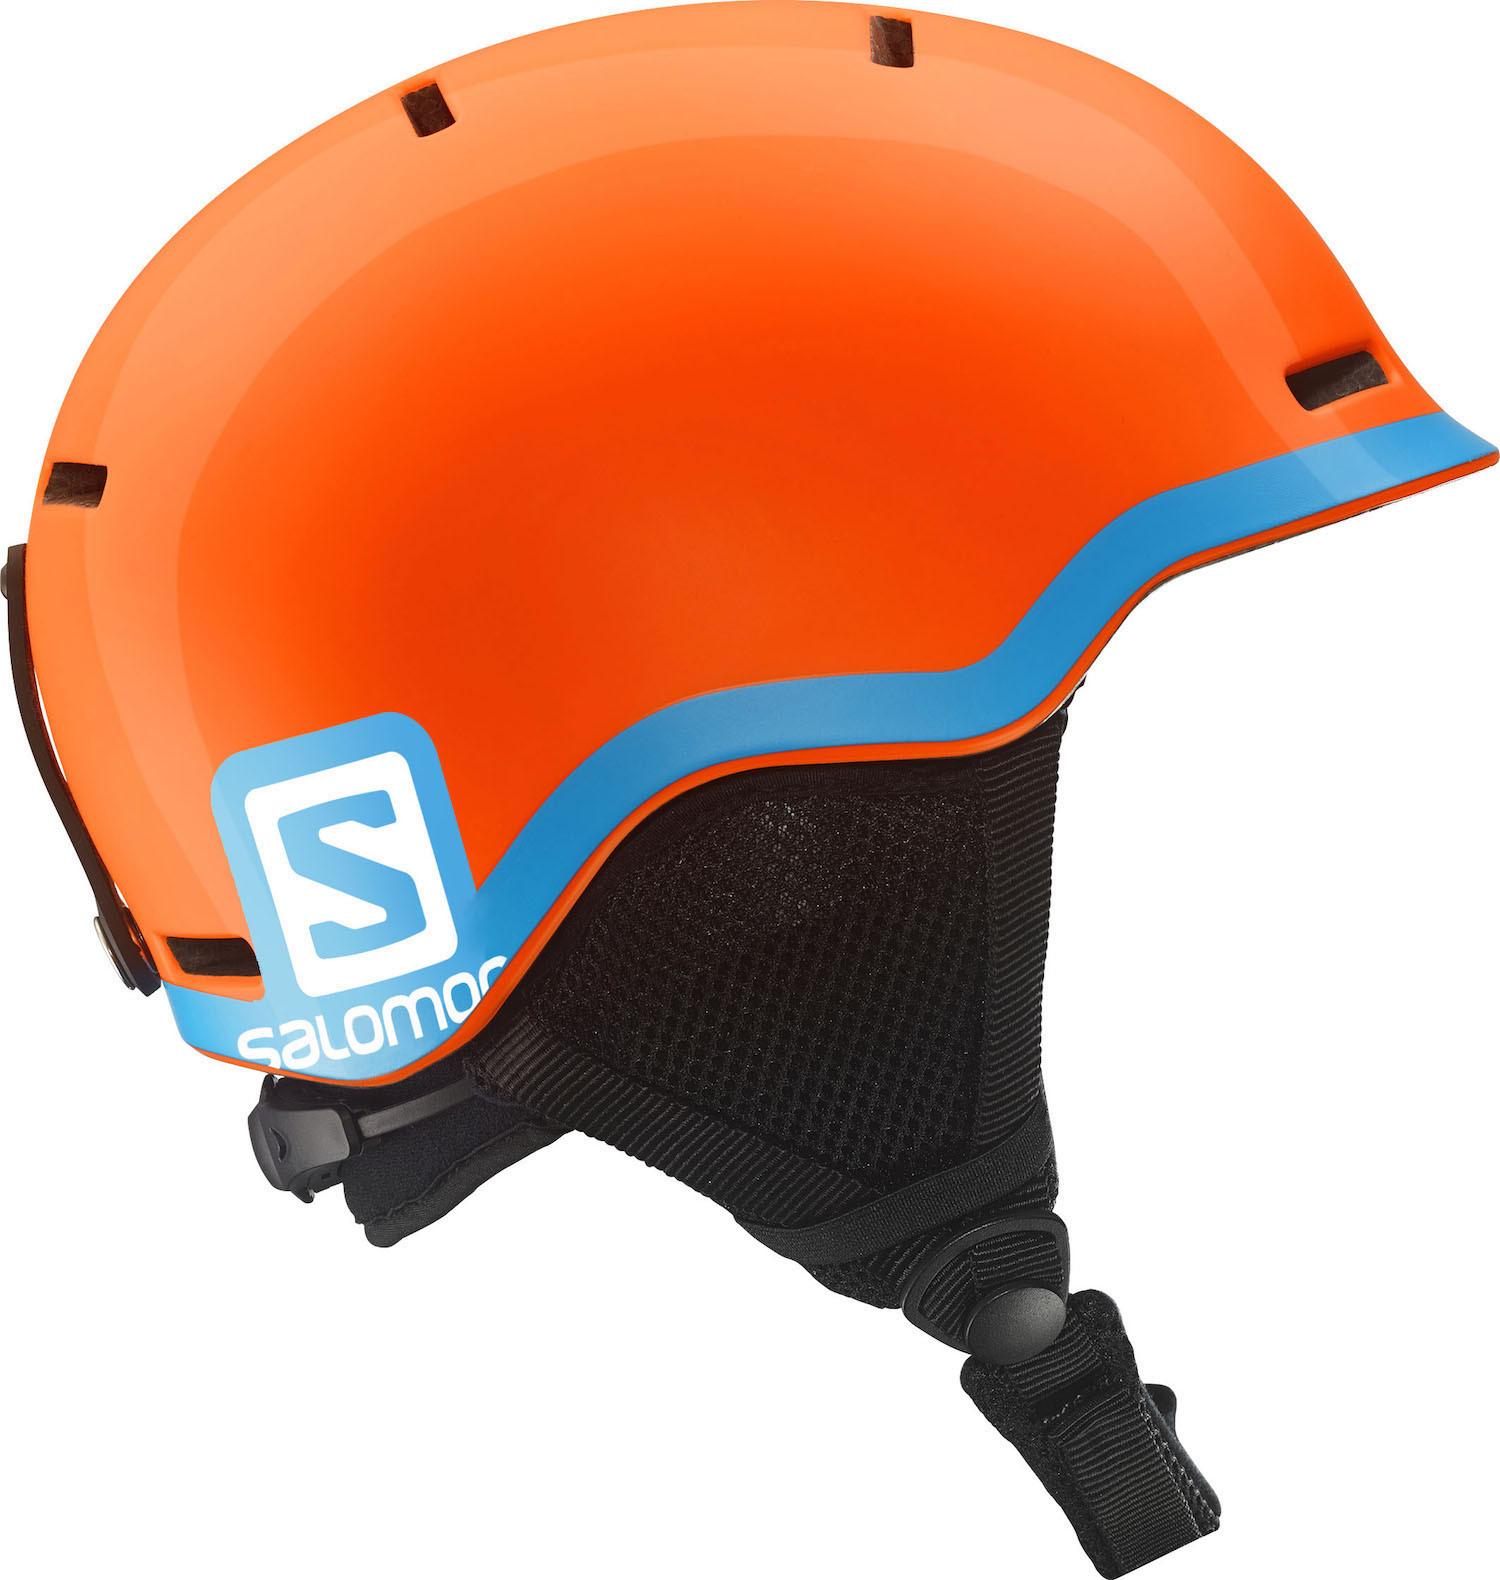 Salomon Grom - oranžová